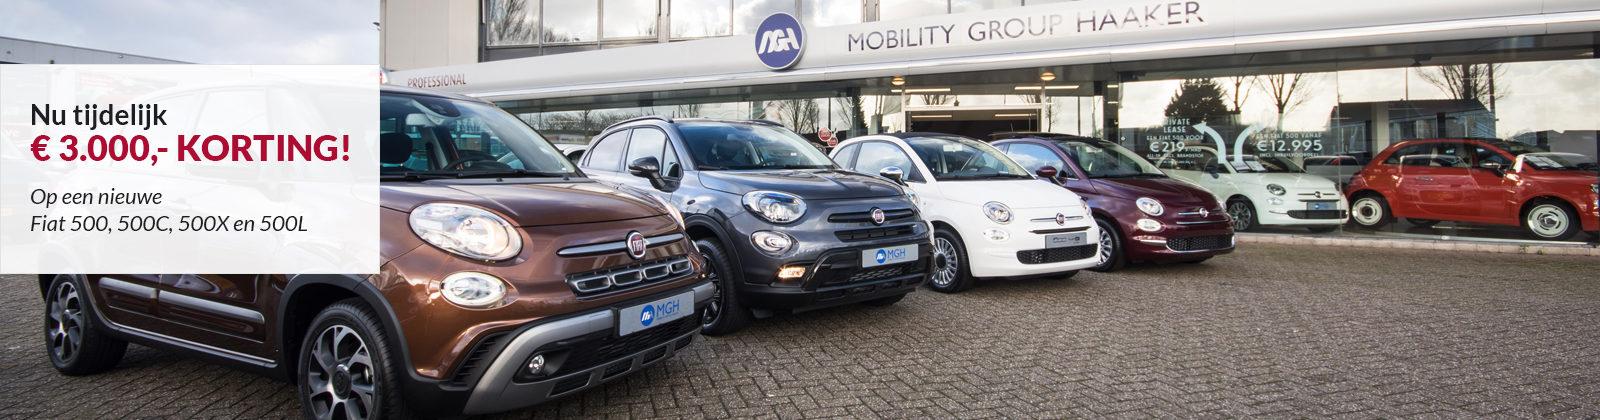 Fiat 500-familie voorraadvoordeel